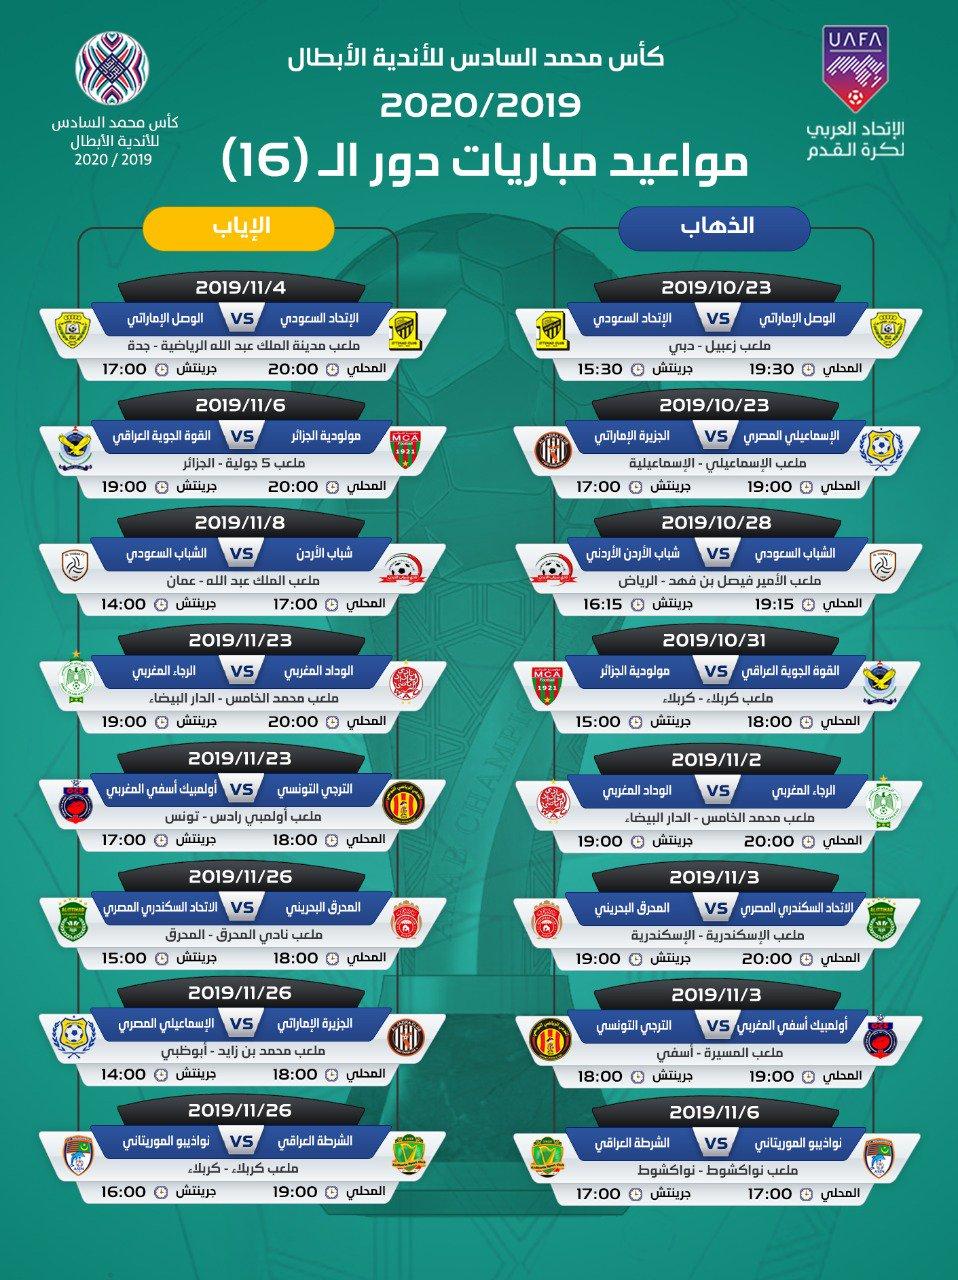 الكشف عن مواعيد مباريات دور الـ16 فى البطولة العربية اليوم